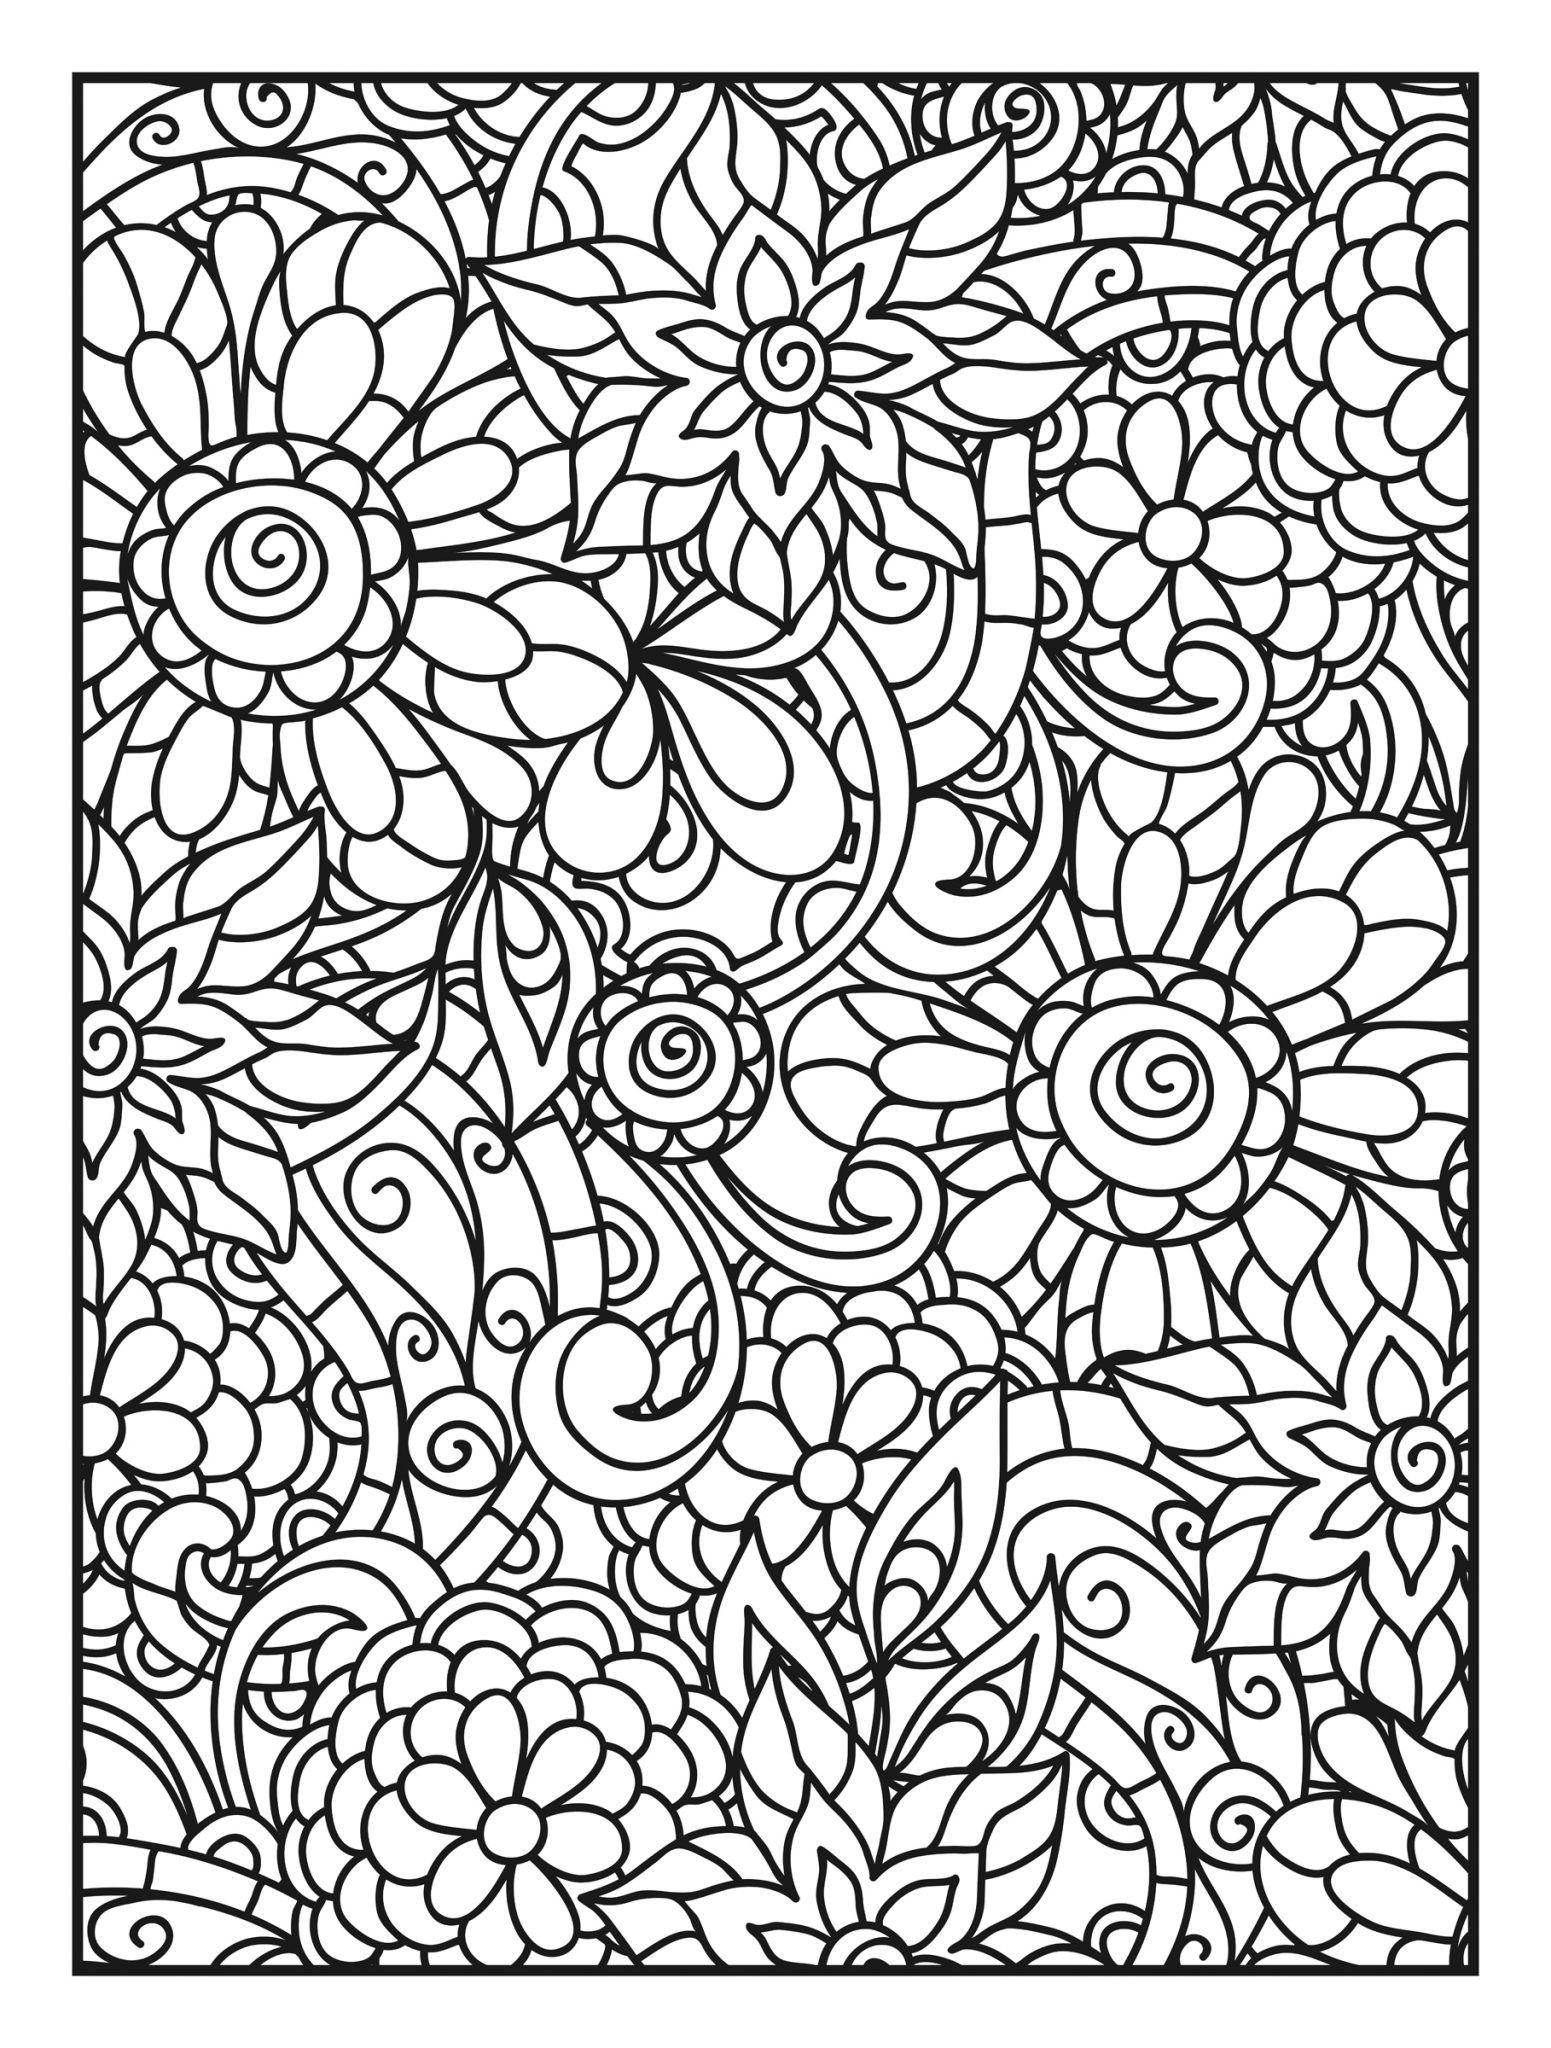 Kleurplaten Ontspanning Juf Maike Kleurplaten Kleurplaten Voor Kinderen Kleuren